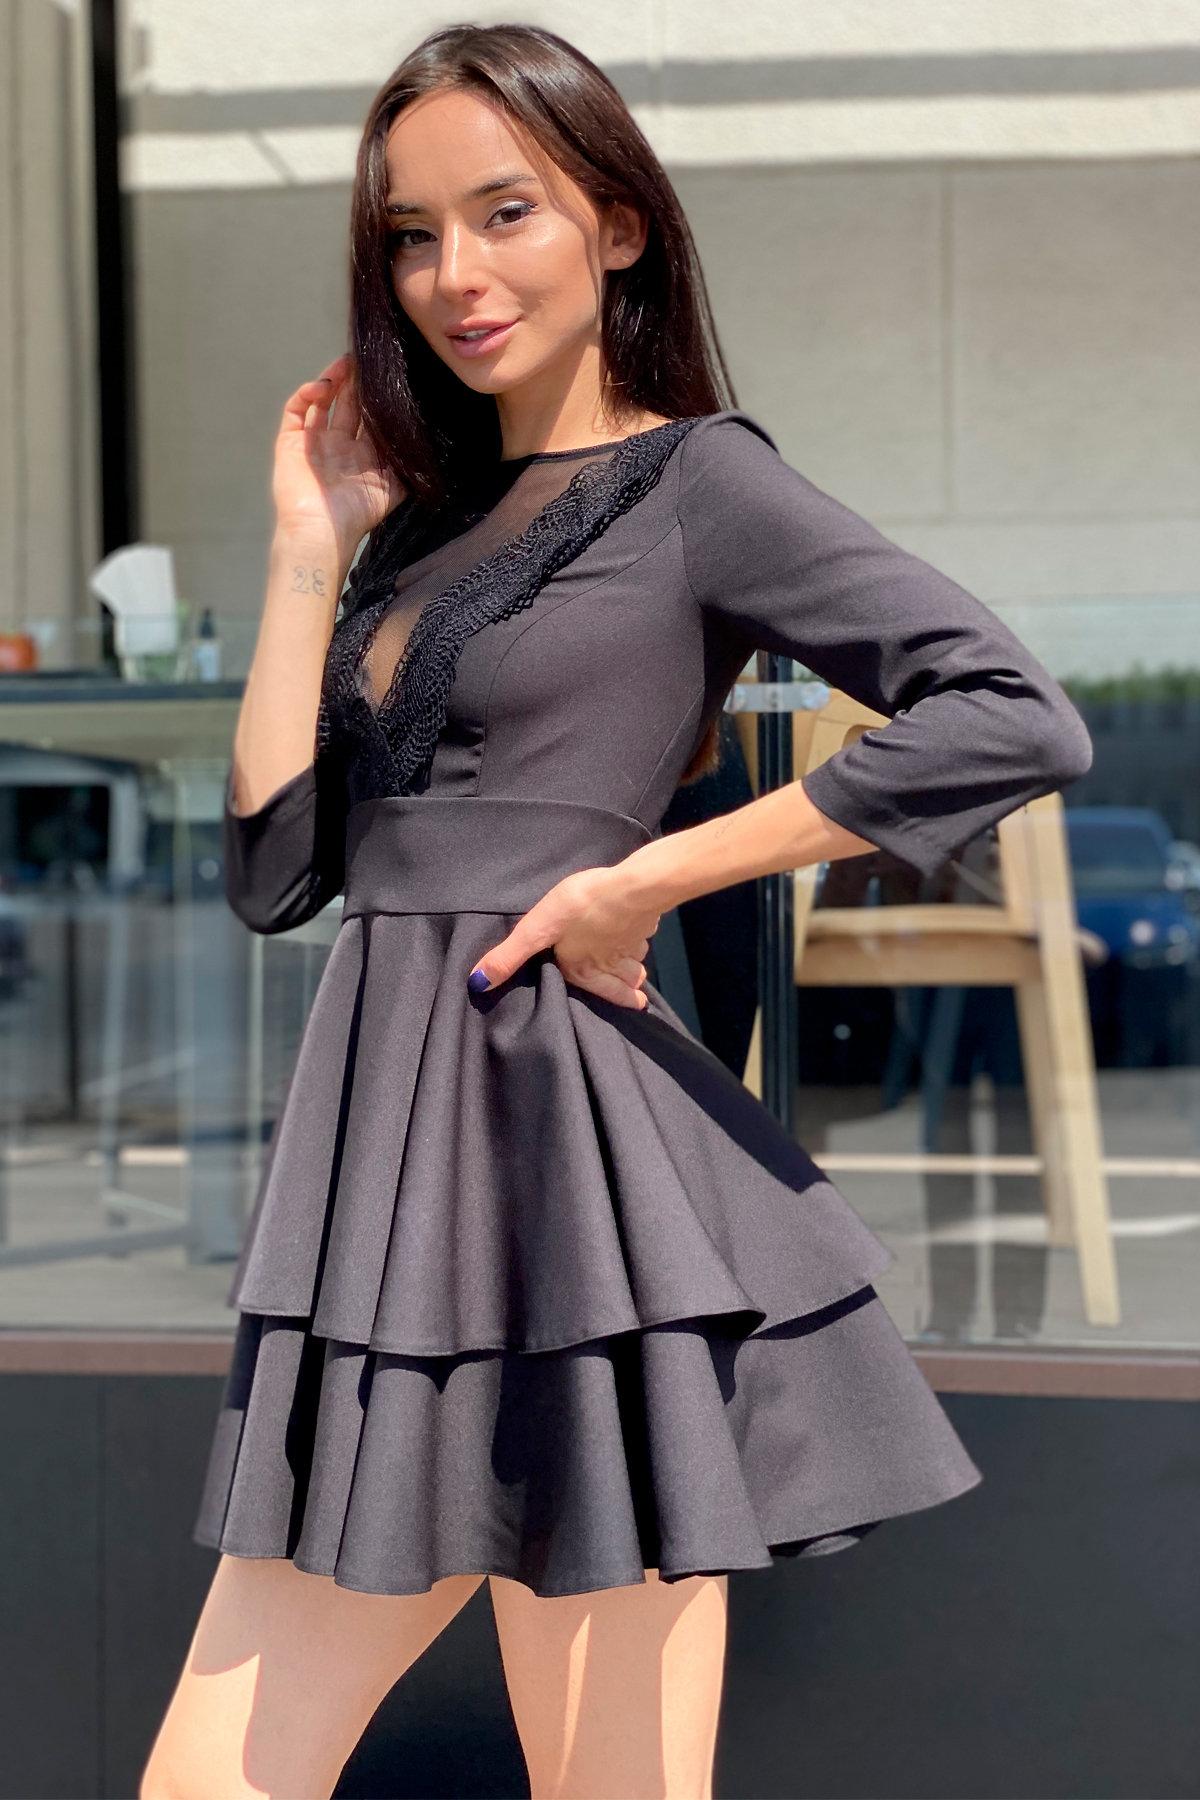 Платье с двухслойной юбкой Абико 5516 АРТ. 37044 Цвет: Черный - фото 1, интернет магазин tm-modus.ru